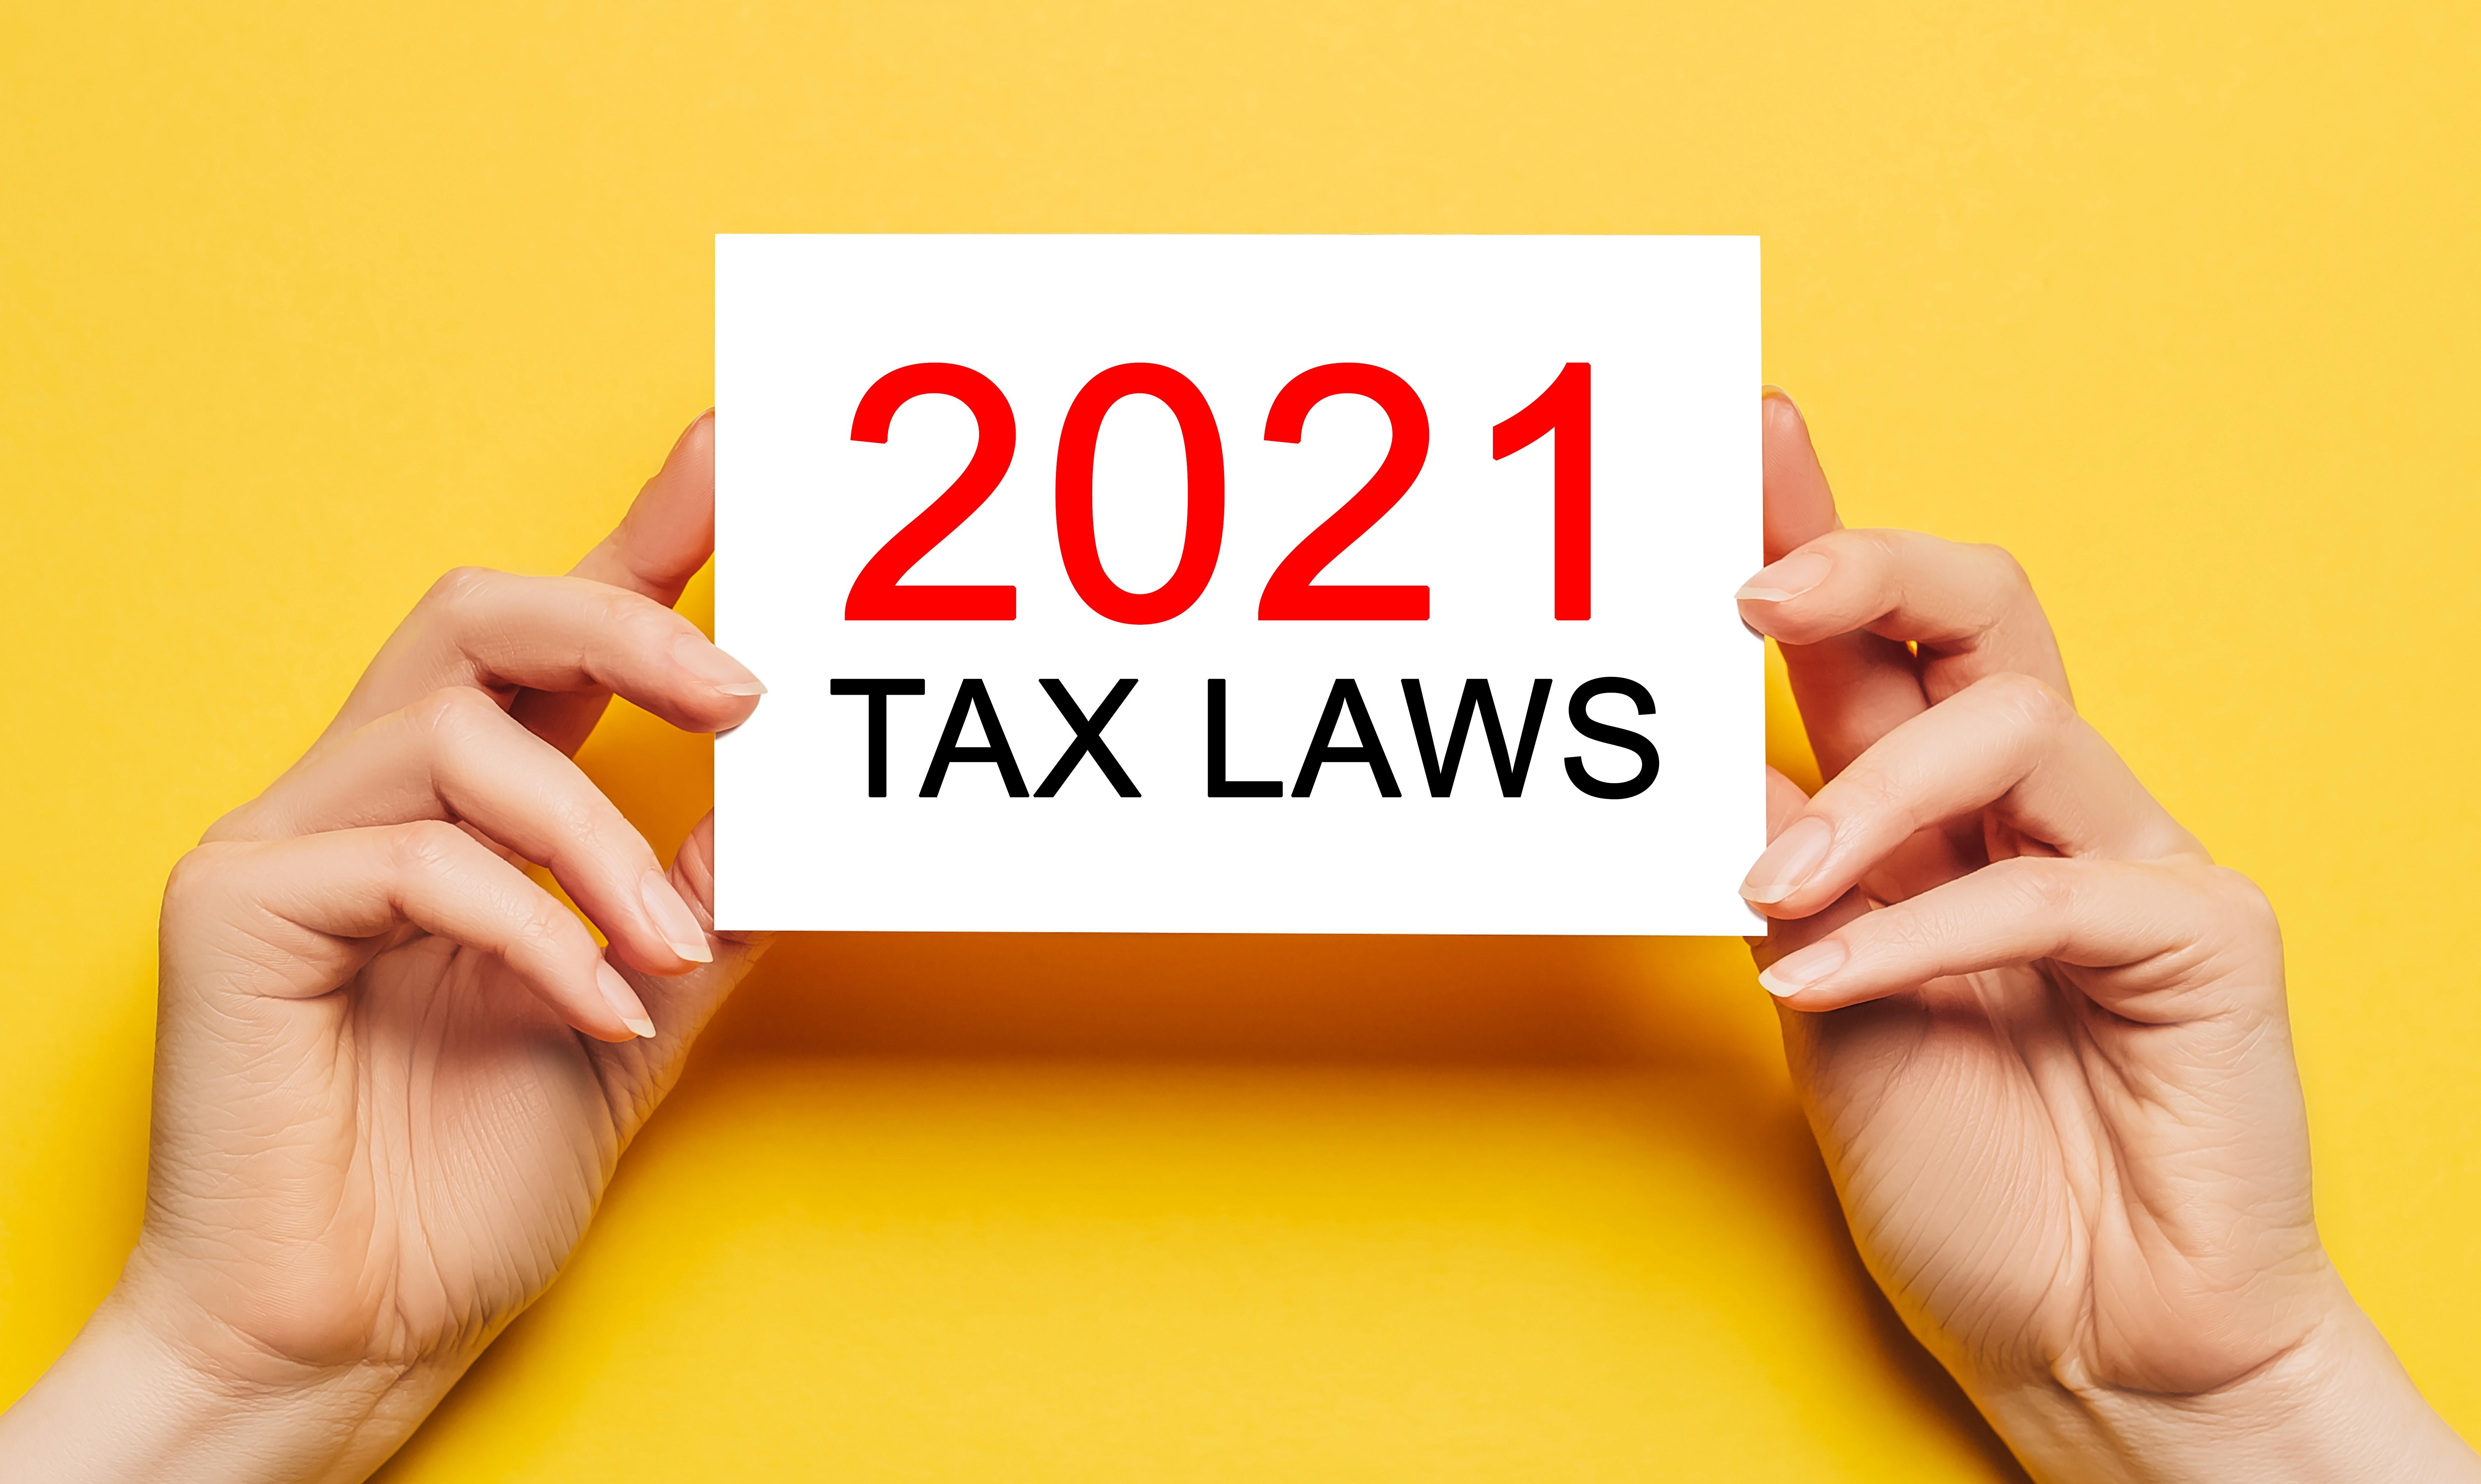 Tax Laws 2021